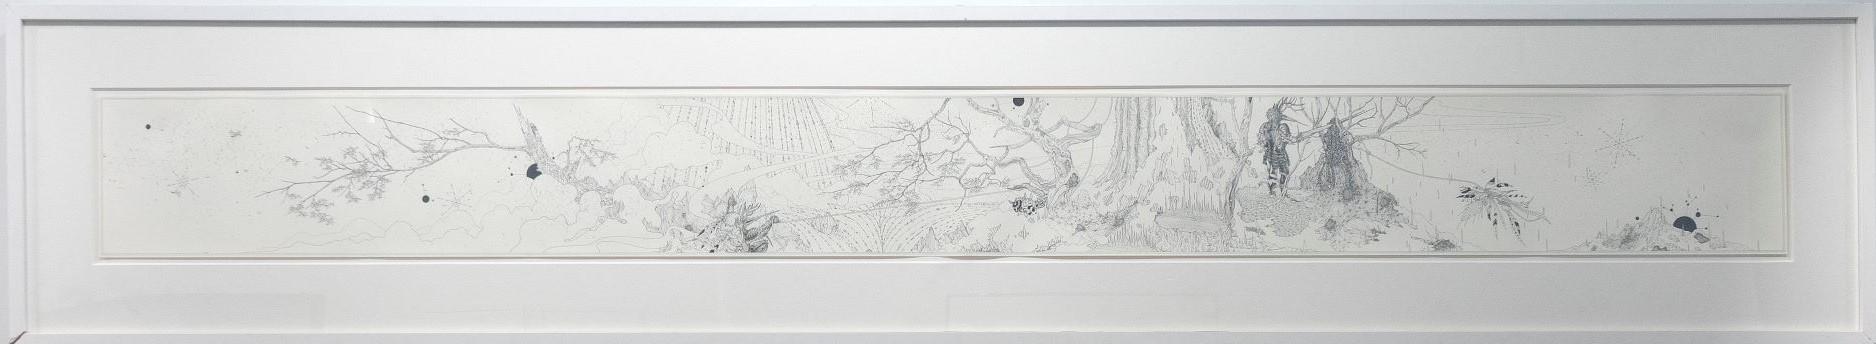 Ernesto Caivano Union and offerings (Corpus Callosum, Masculinus, Femininus), 2004 Ink on paper 30 x 225 cm